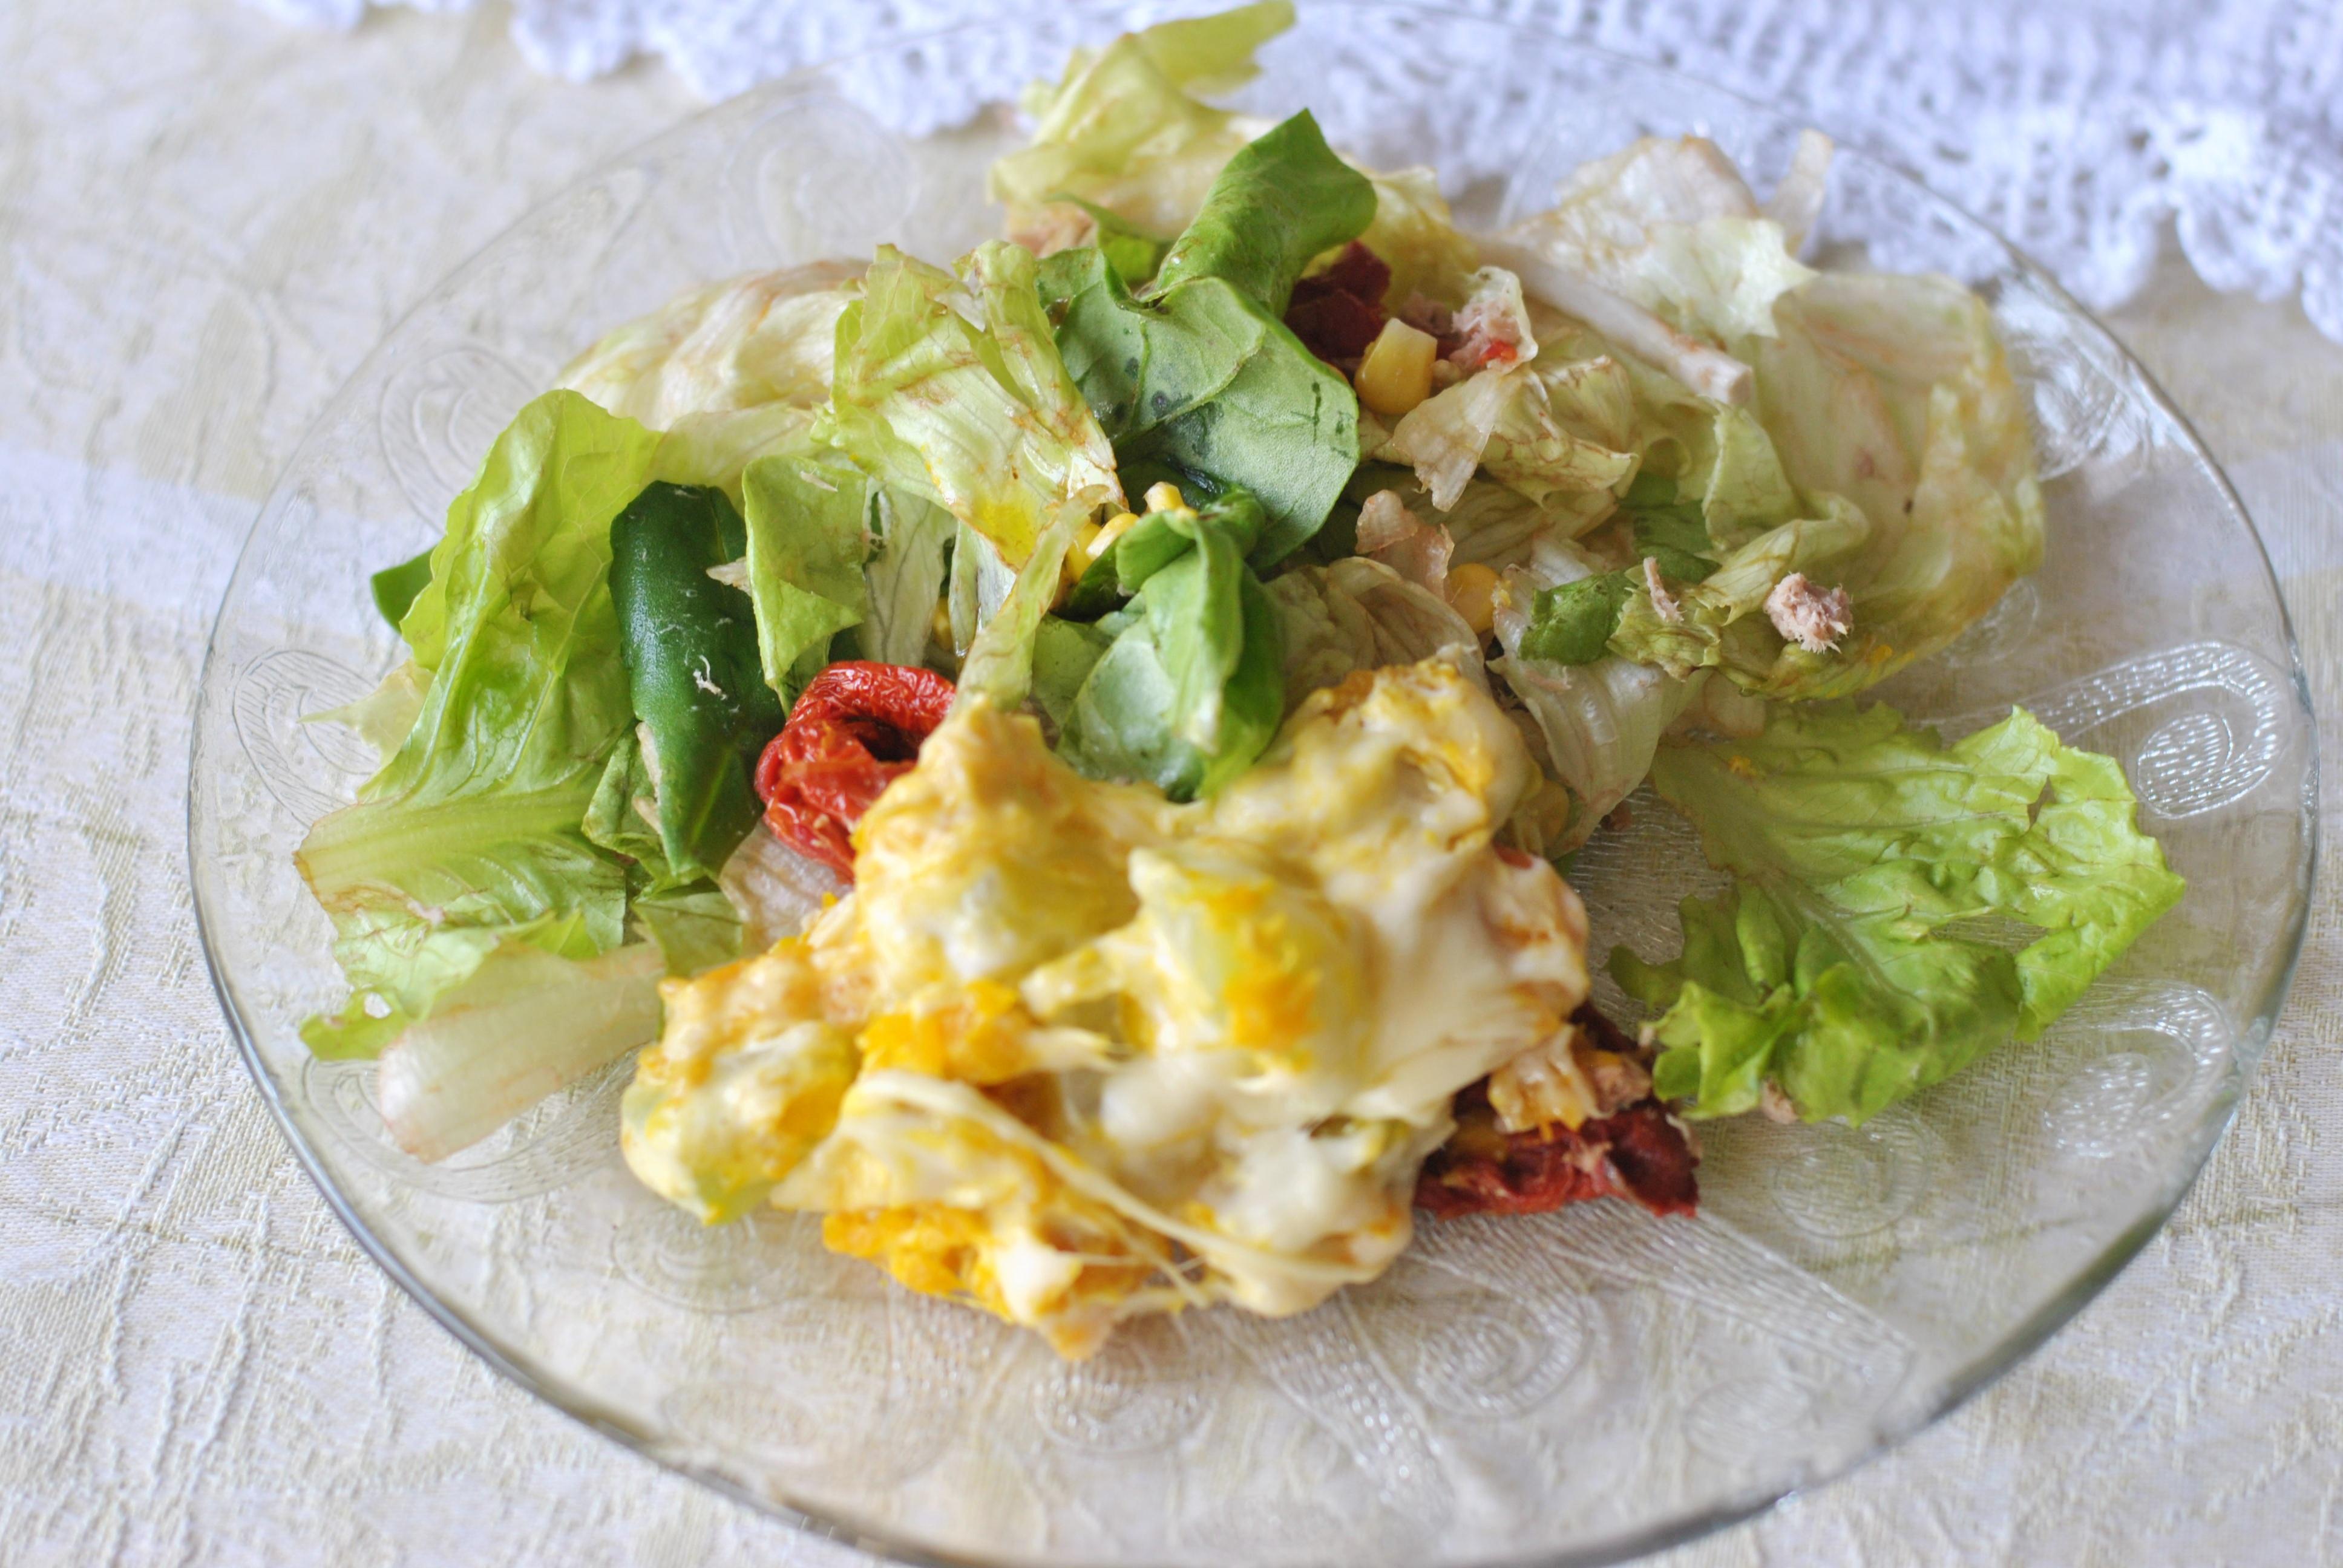 receita prática com queijo e legumes